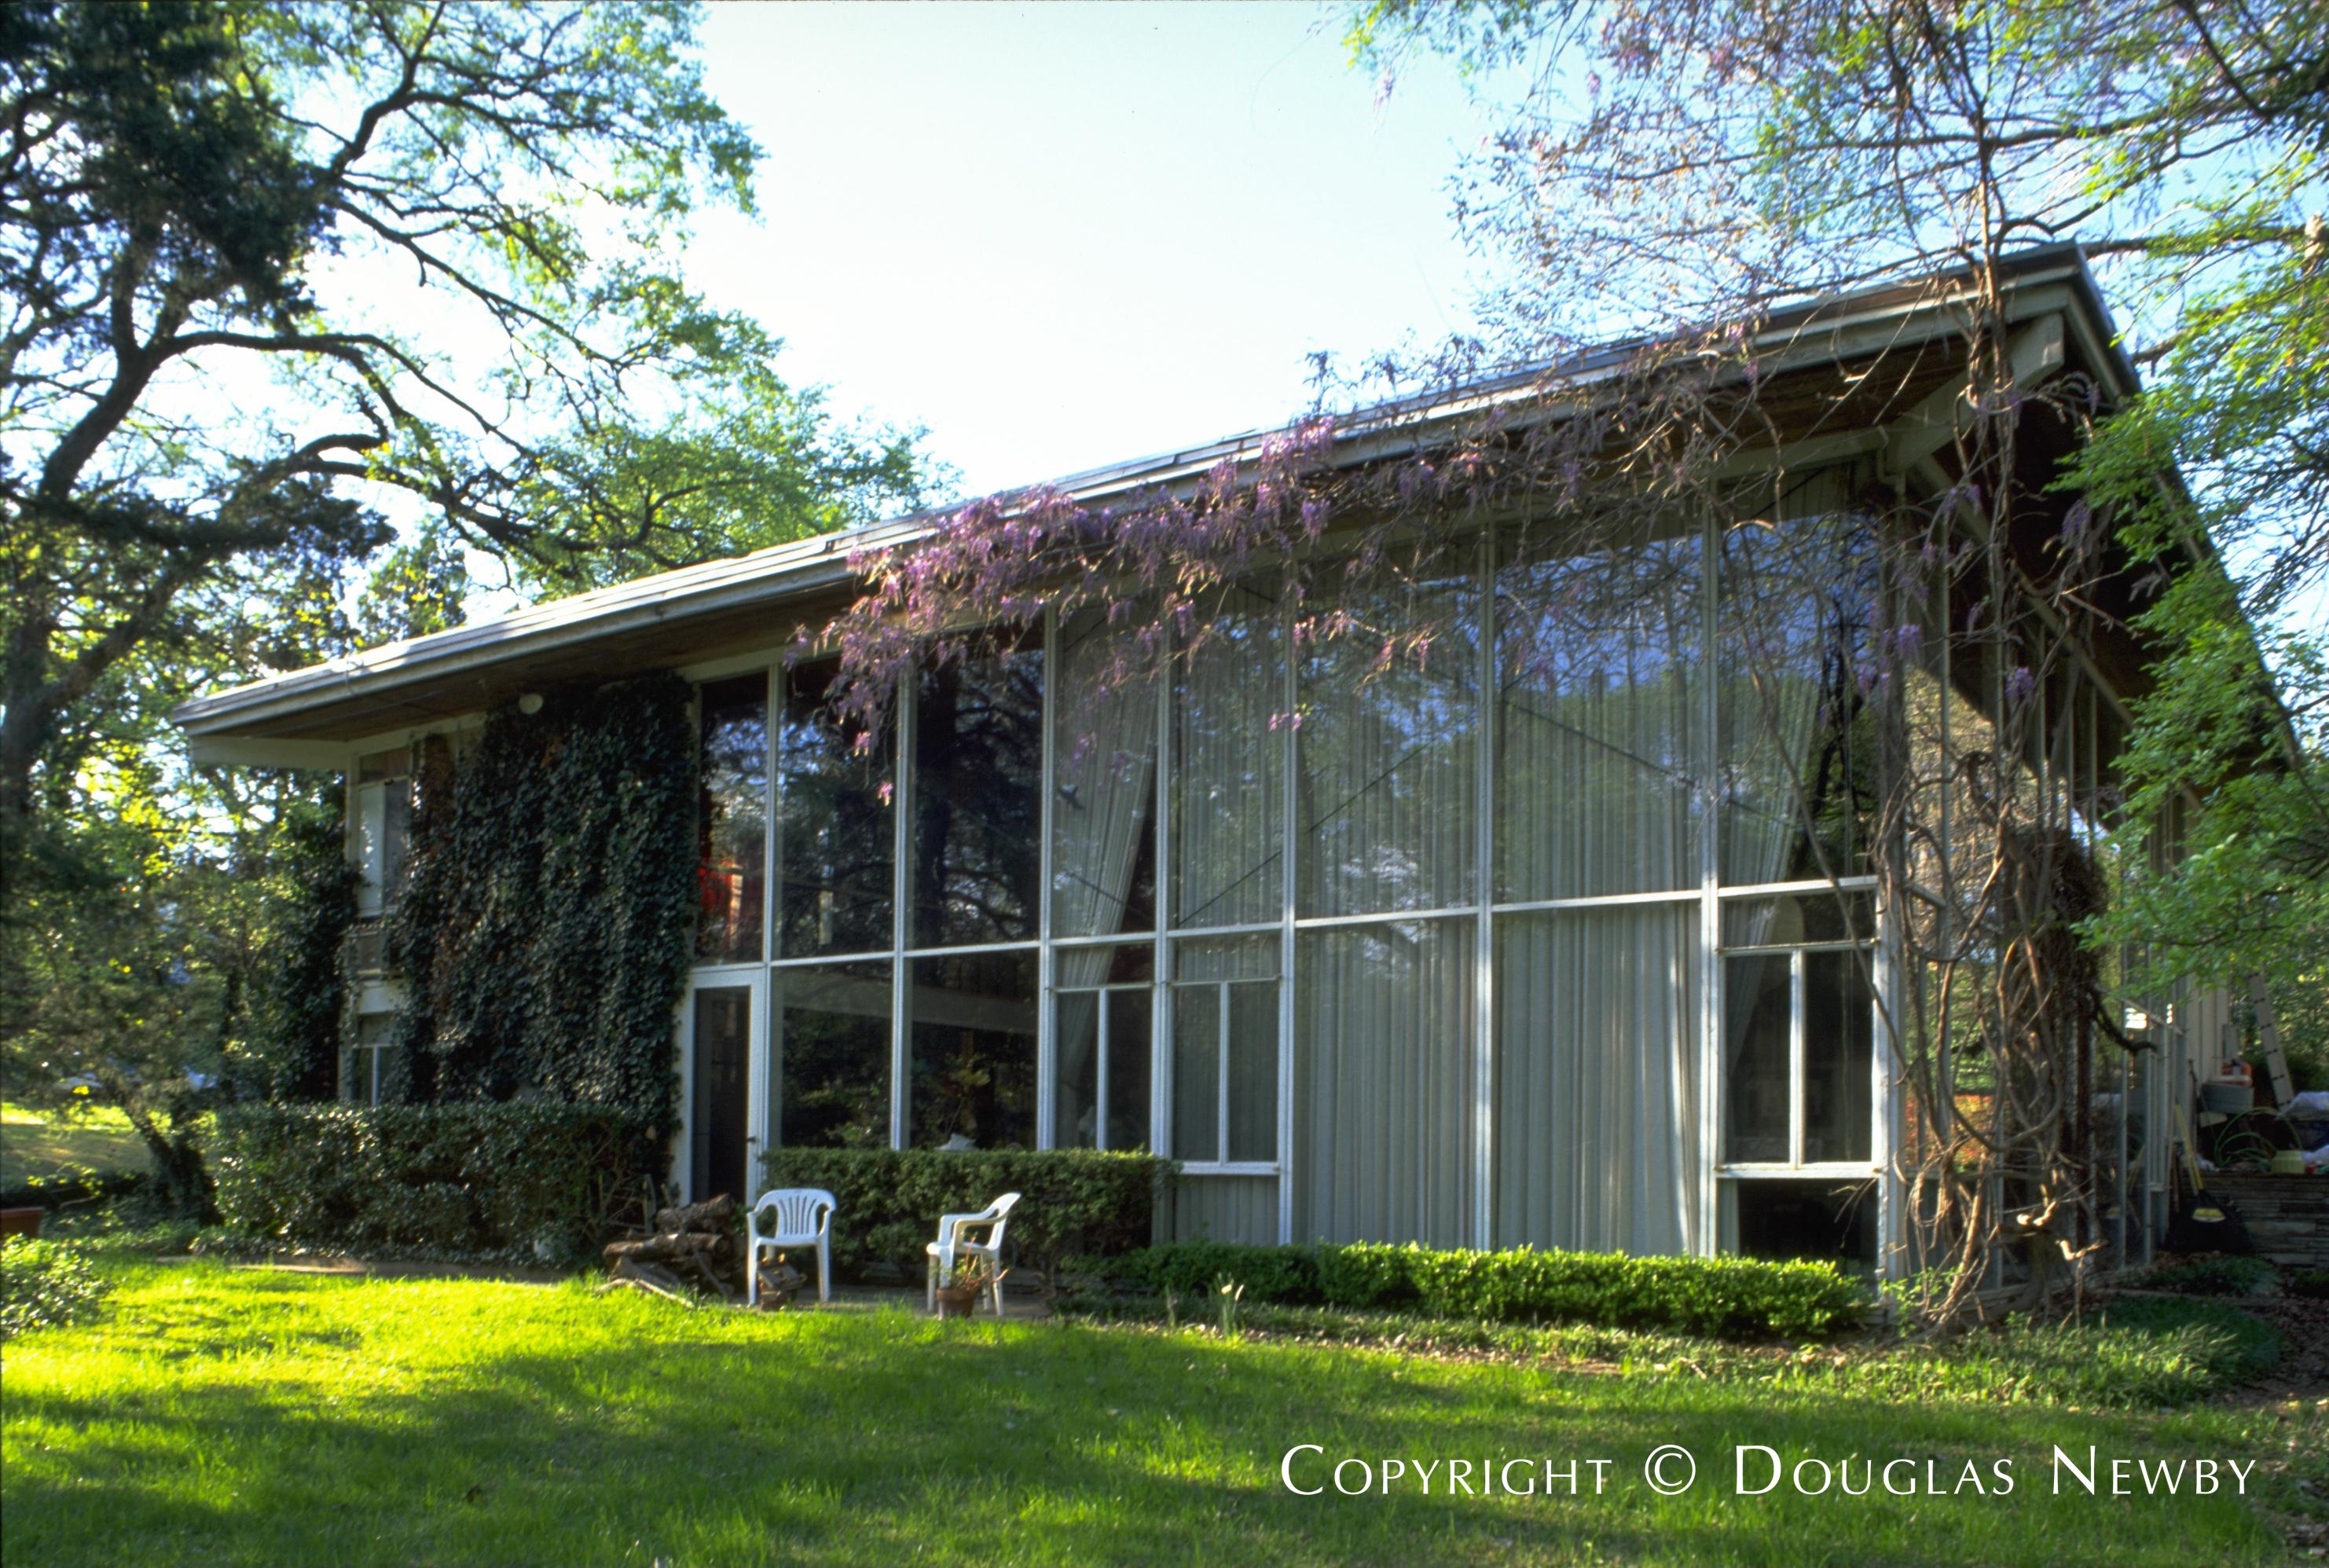 Highland Park Real Estate on 1.43 Acres